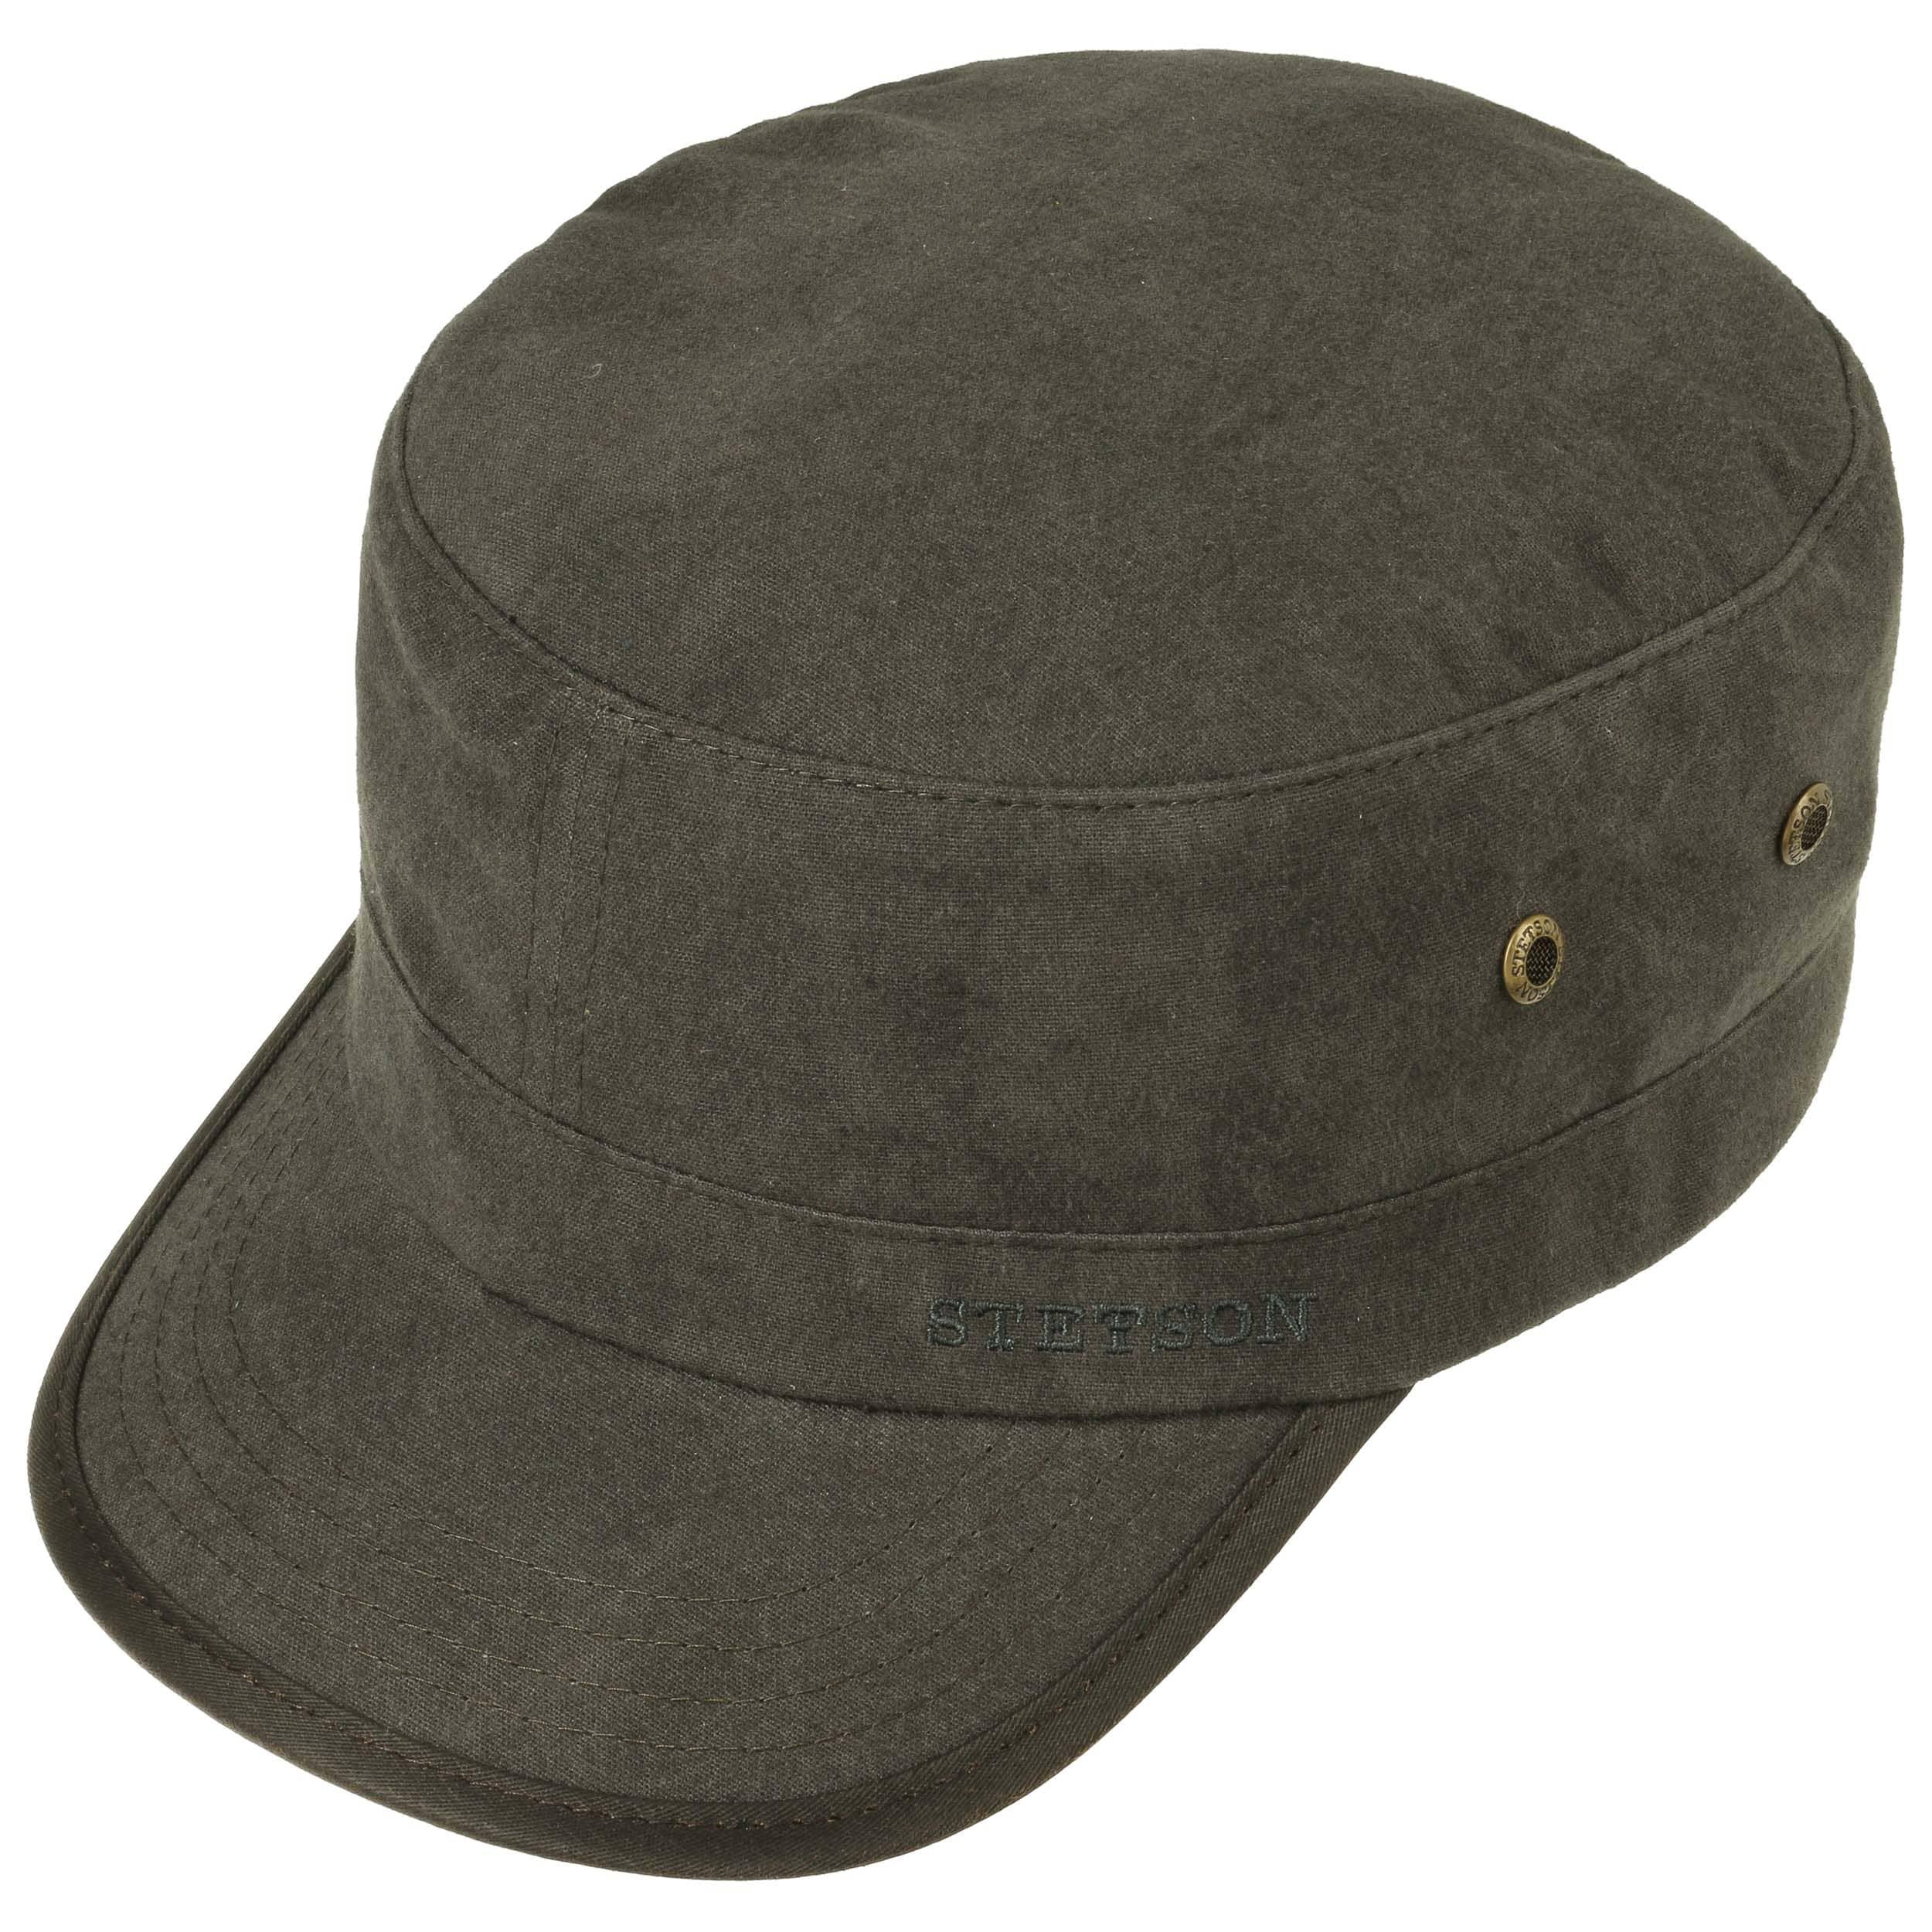 casquette katonah plain army by stetson eur 39 00 chapeaux casquettes et bonnets en ligne. Black Bedroom Furniture Sets. Home Design Ideas